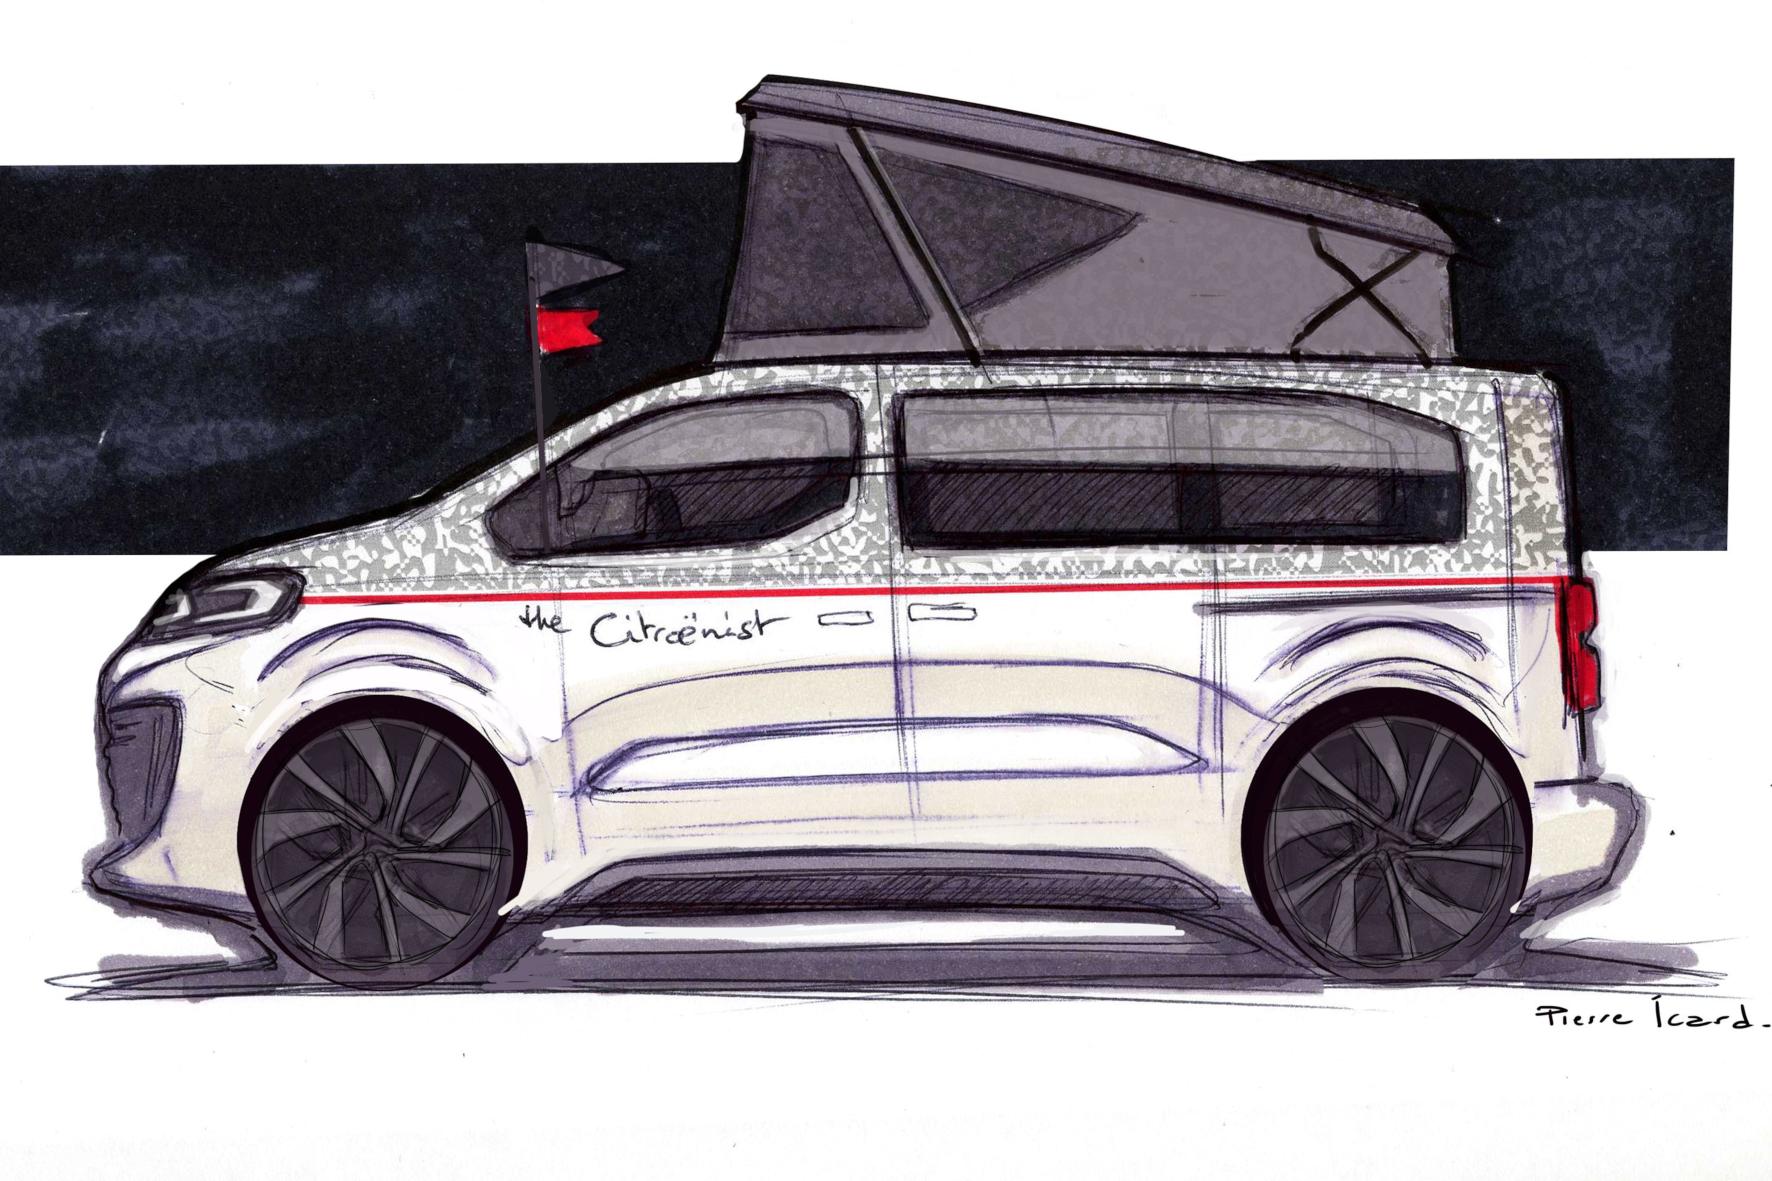 mid Groß-Gerau - Bisher gibt es vom Citroenist Concept nur eine Skizze. PSA